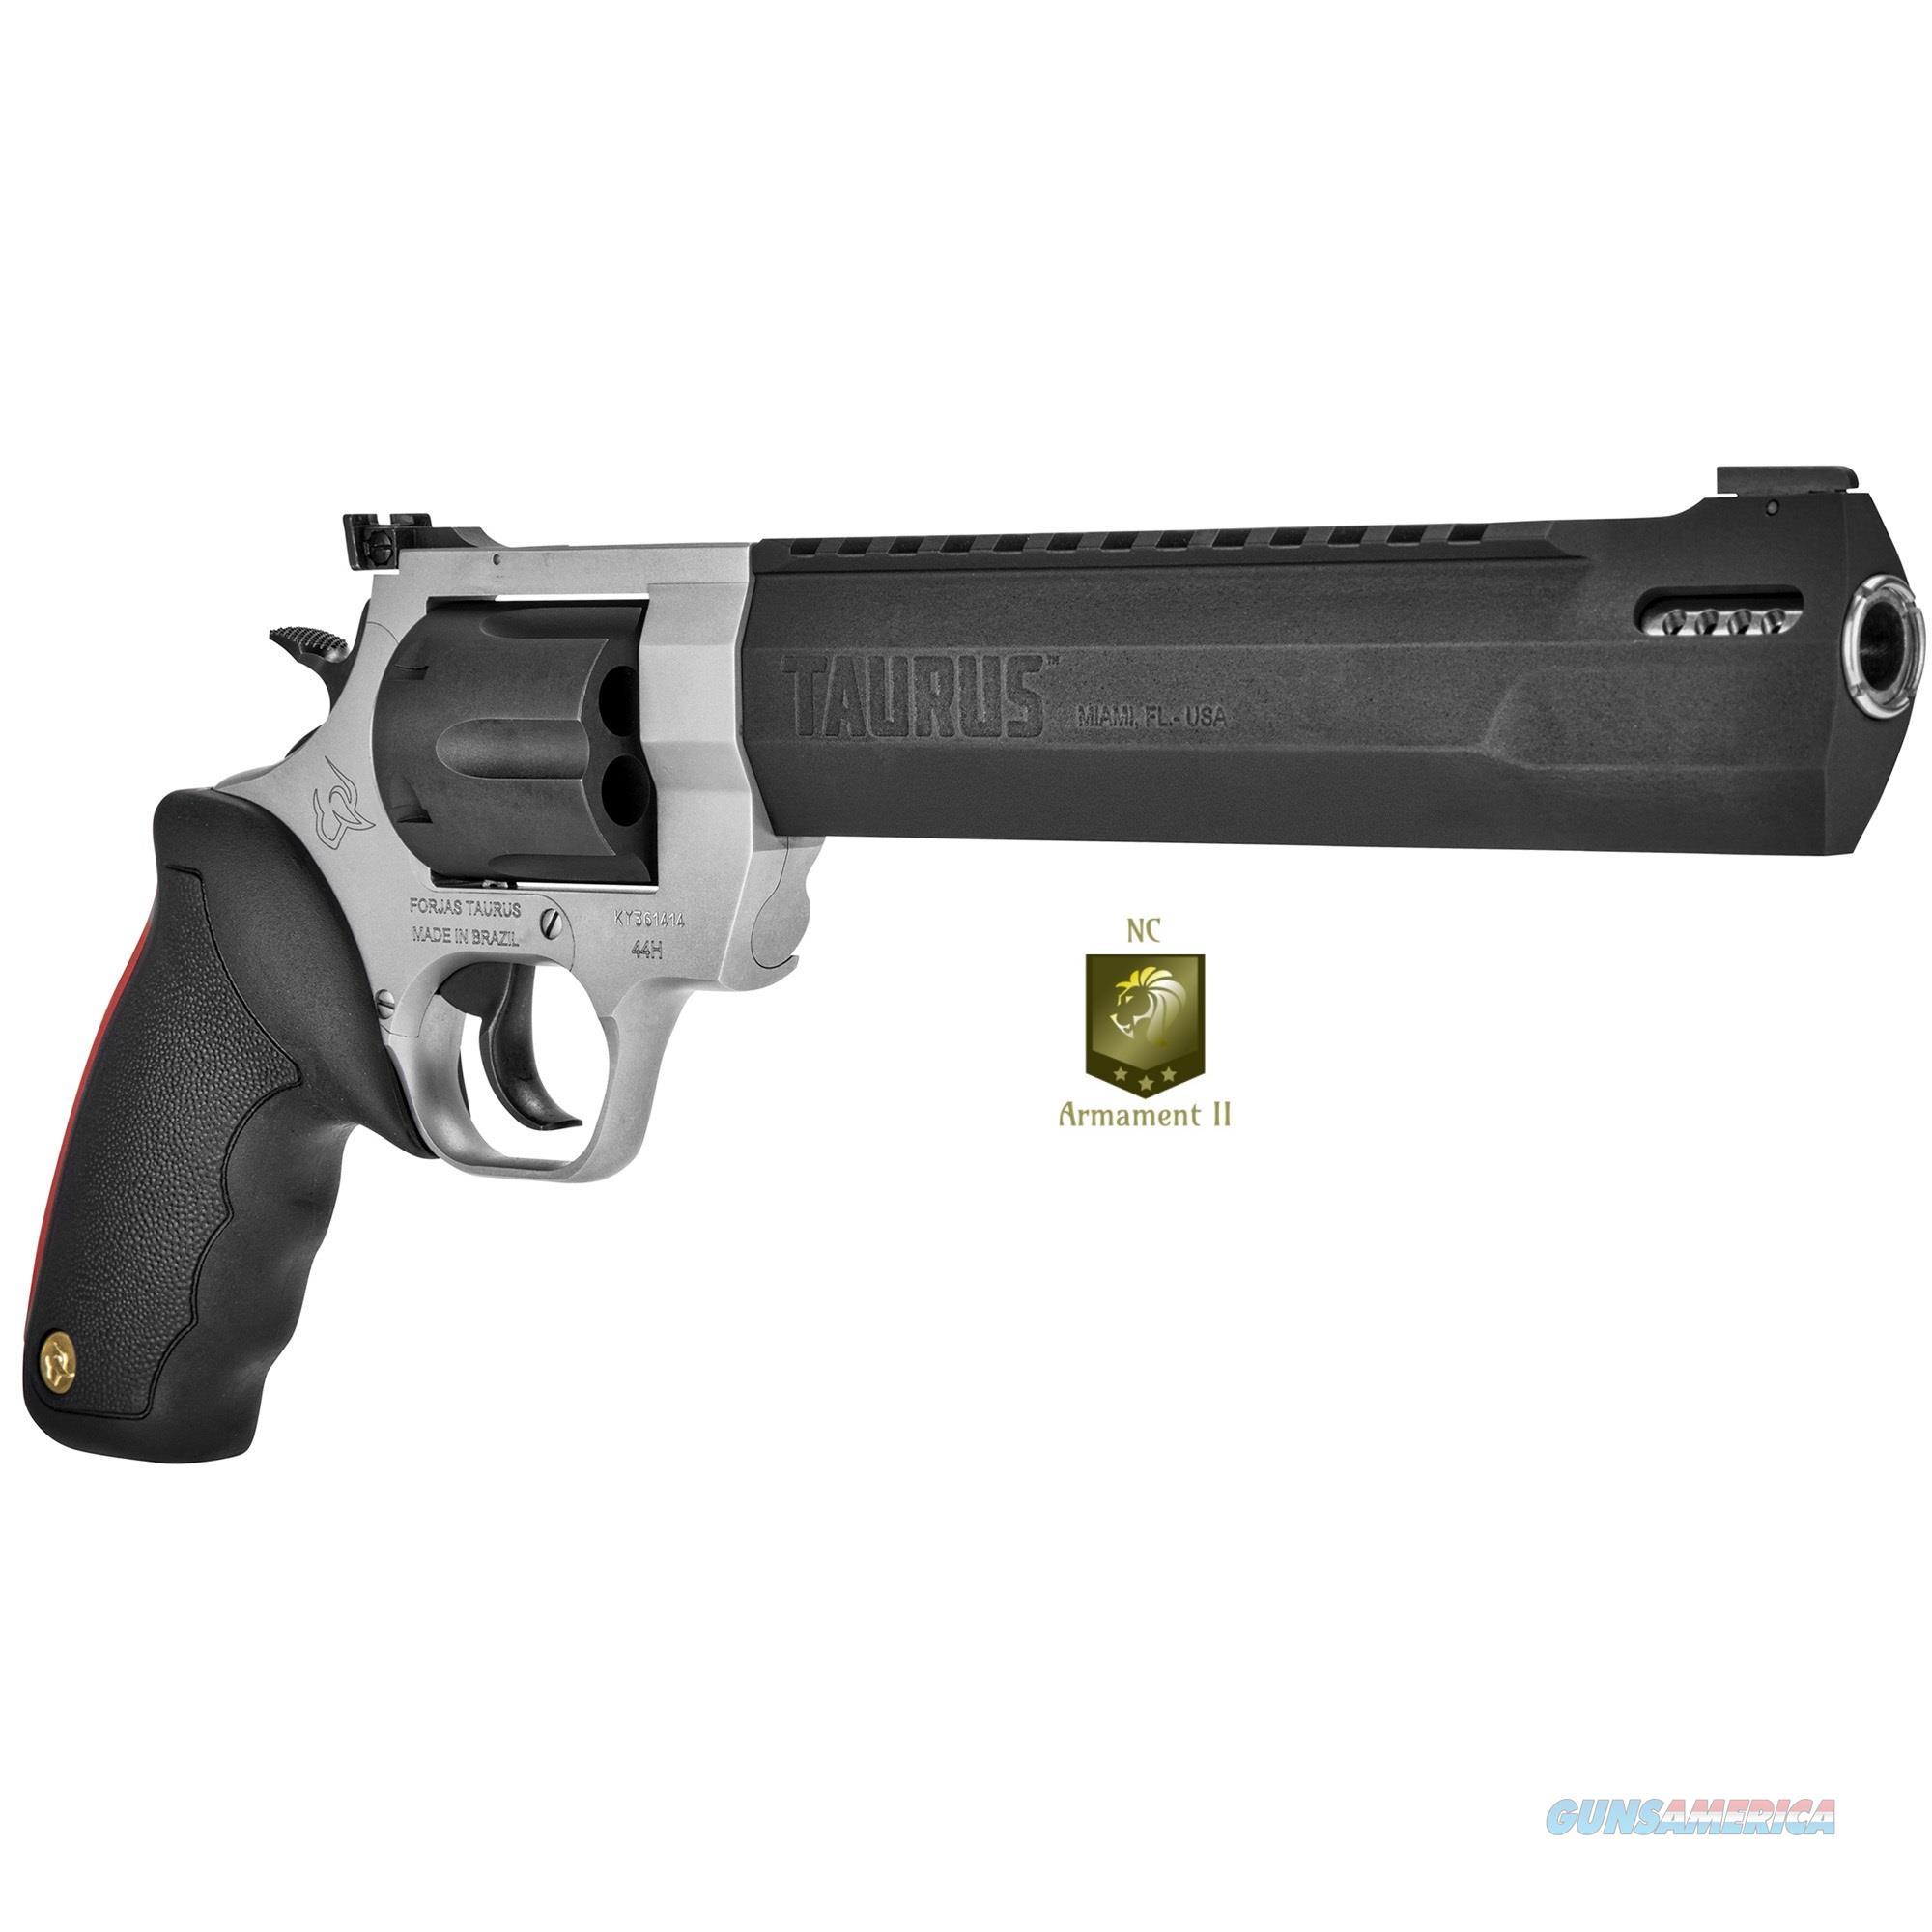 Taurus Raging Hunter 44mag 8.375 Inch Barrel Two-Tone  Guns > Pistols > Taurus Pistols > Revolvers